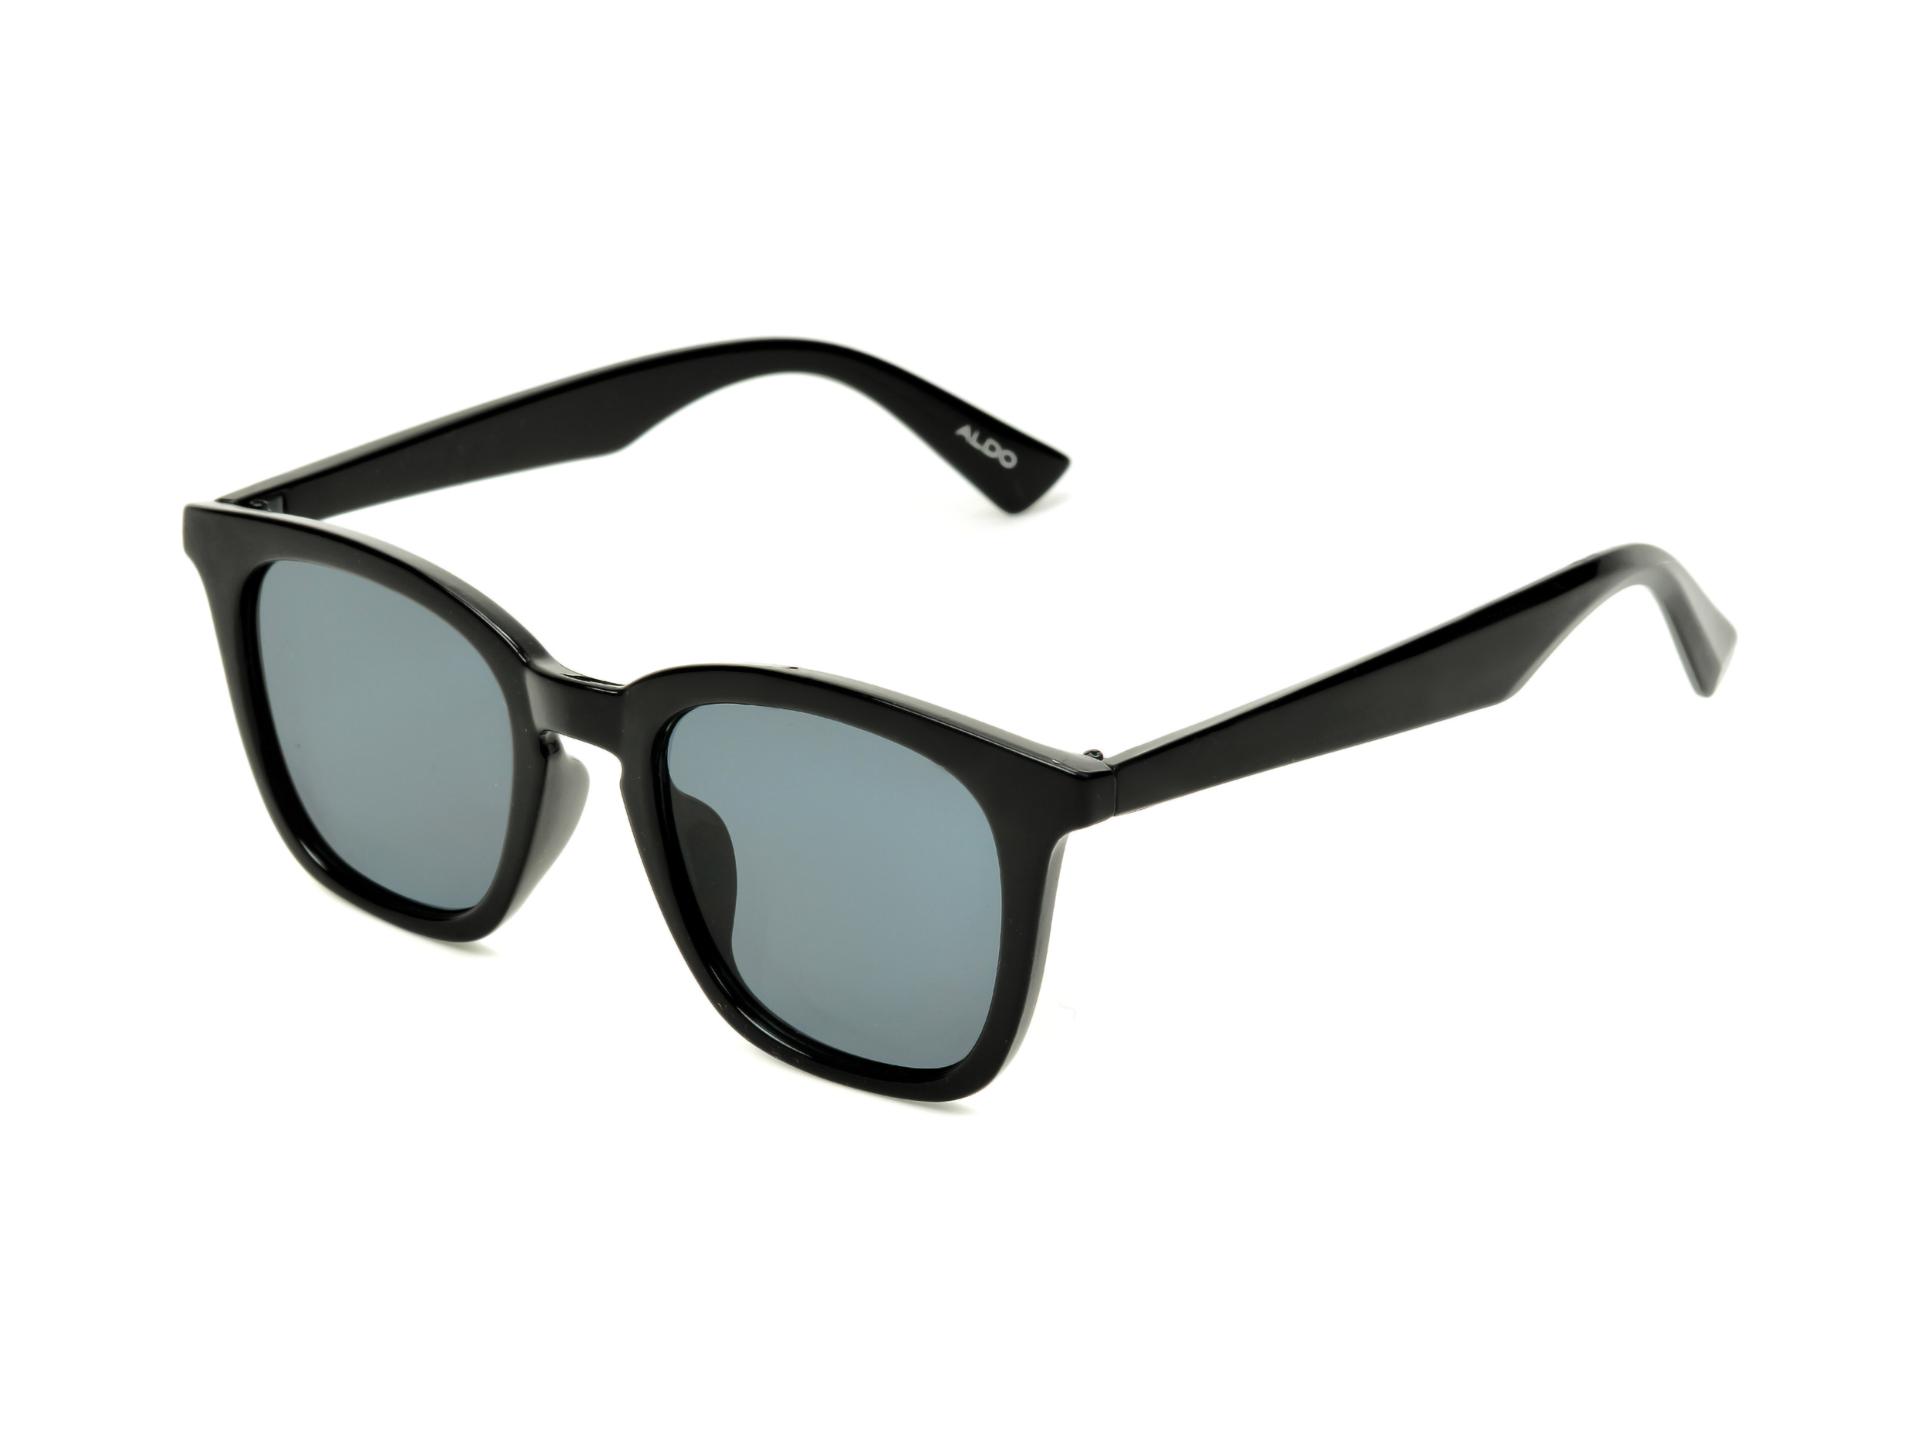 Ochelari de soare ALDO negri, Esky001, din PVC imagine